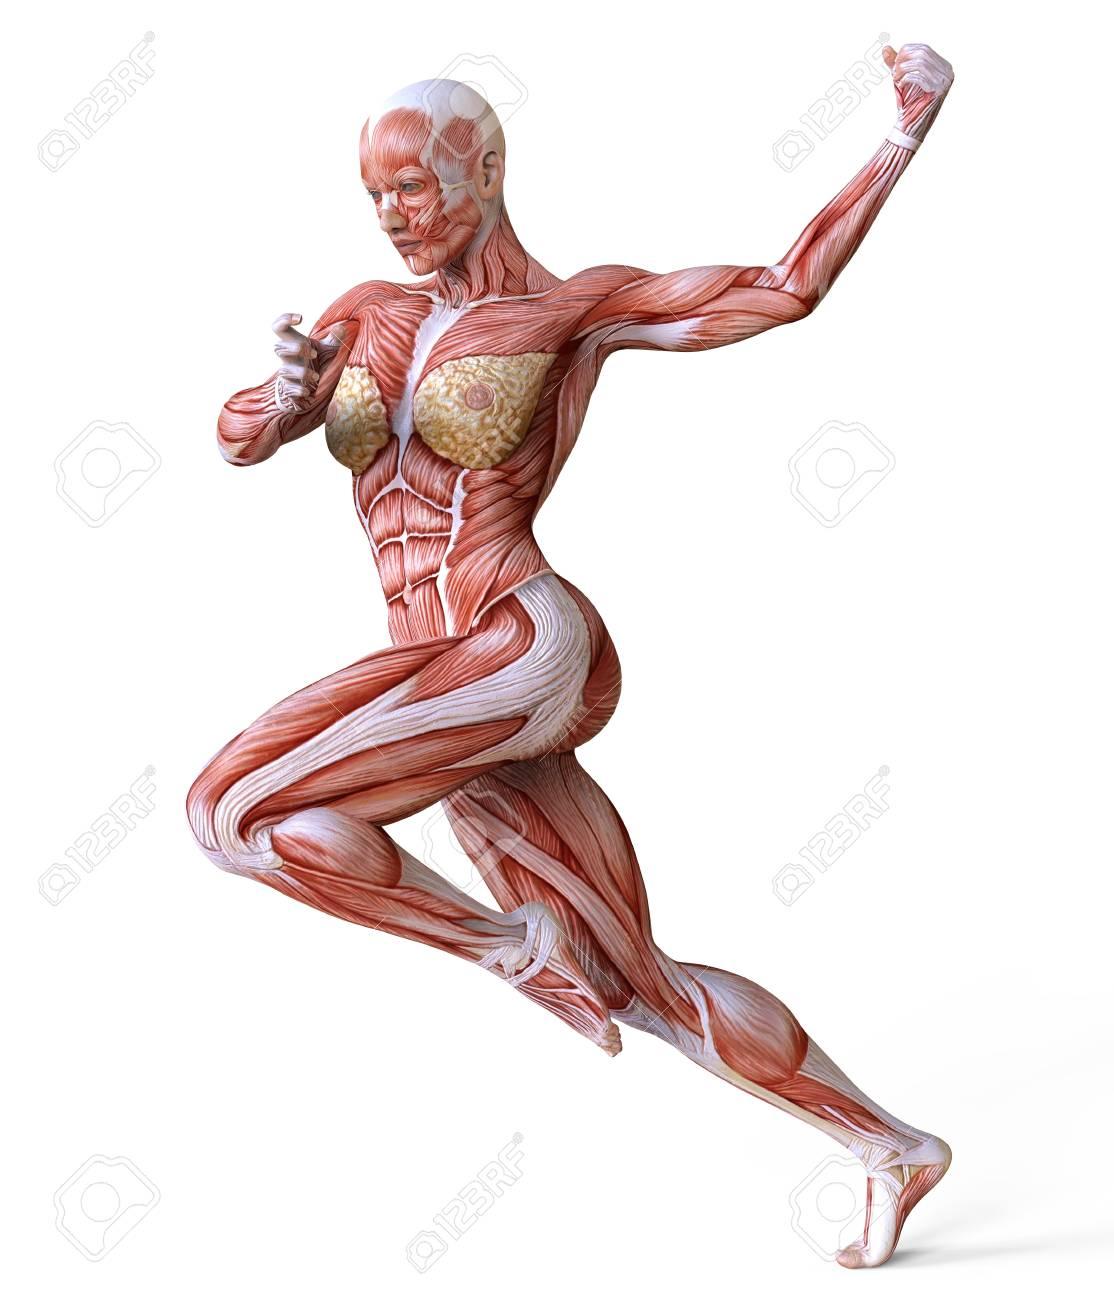 Uitgelezene Vrouwelijk Lichaam Zonder Huid, Anatomie En Spieren Op Wit Wordt IL-54